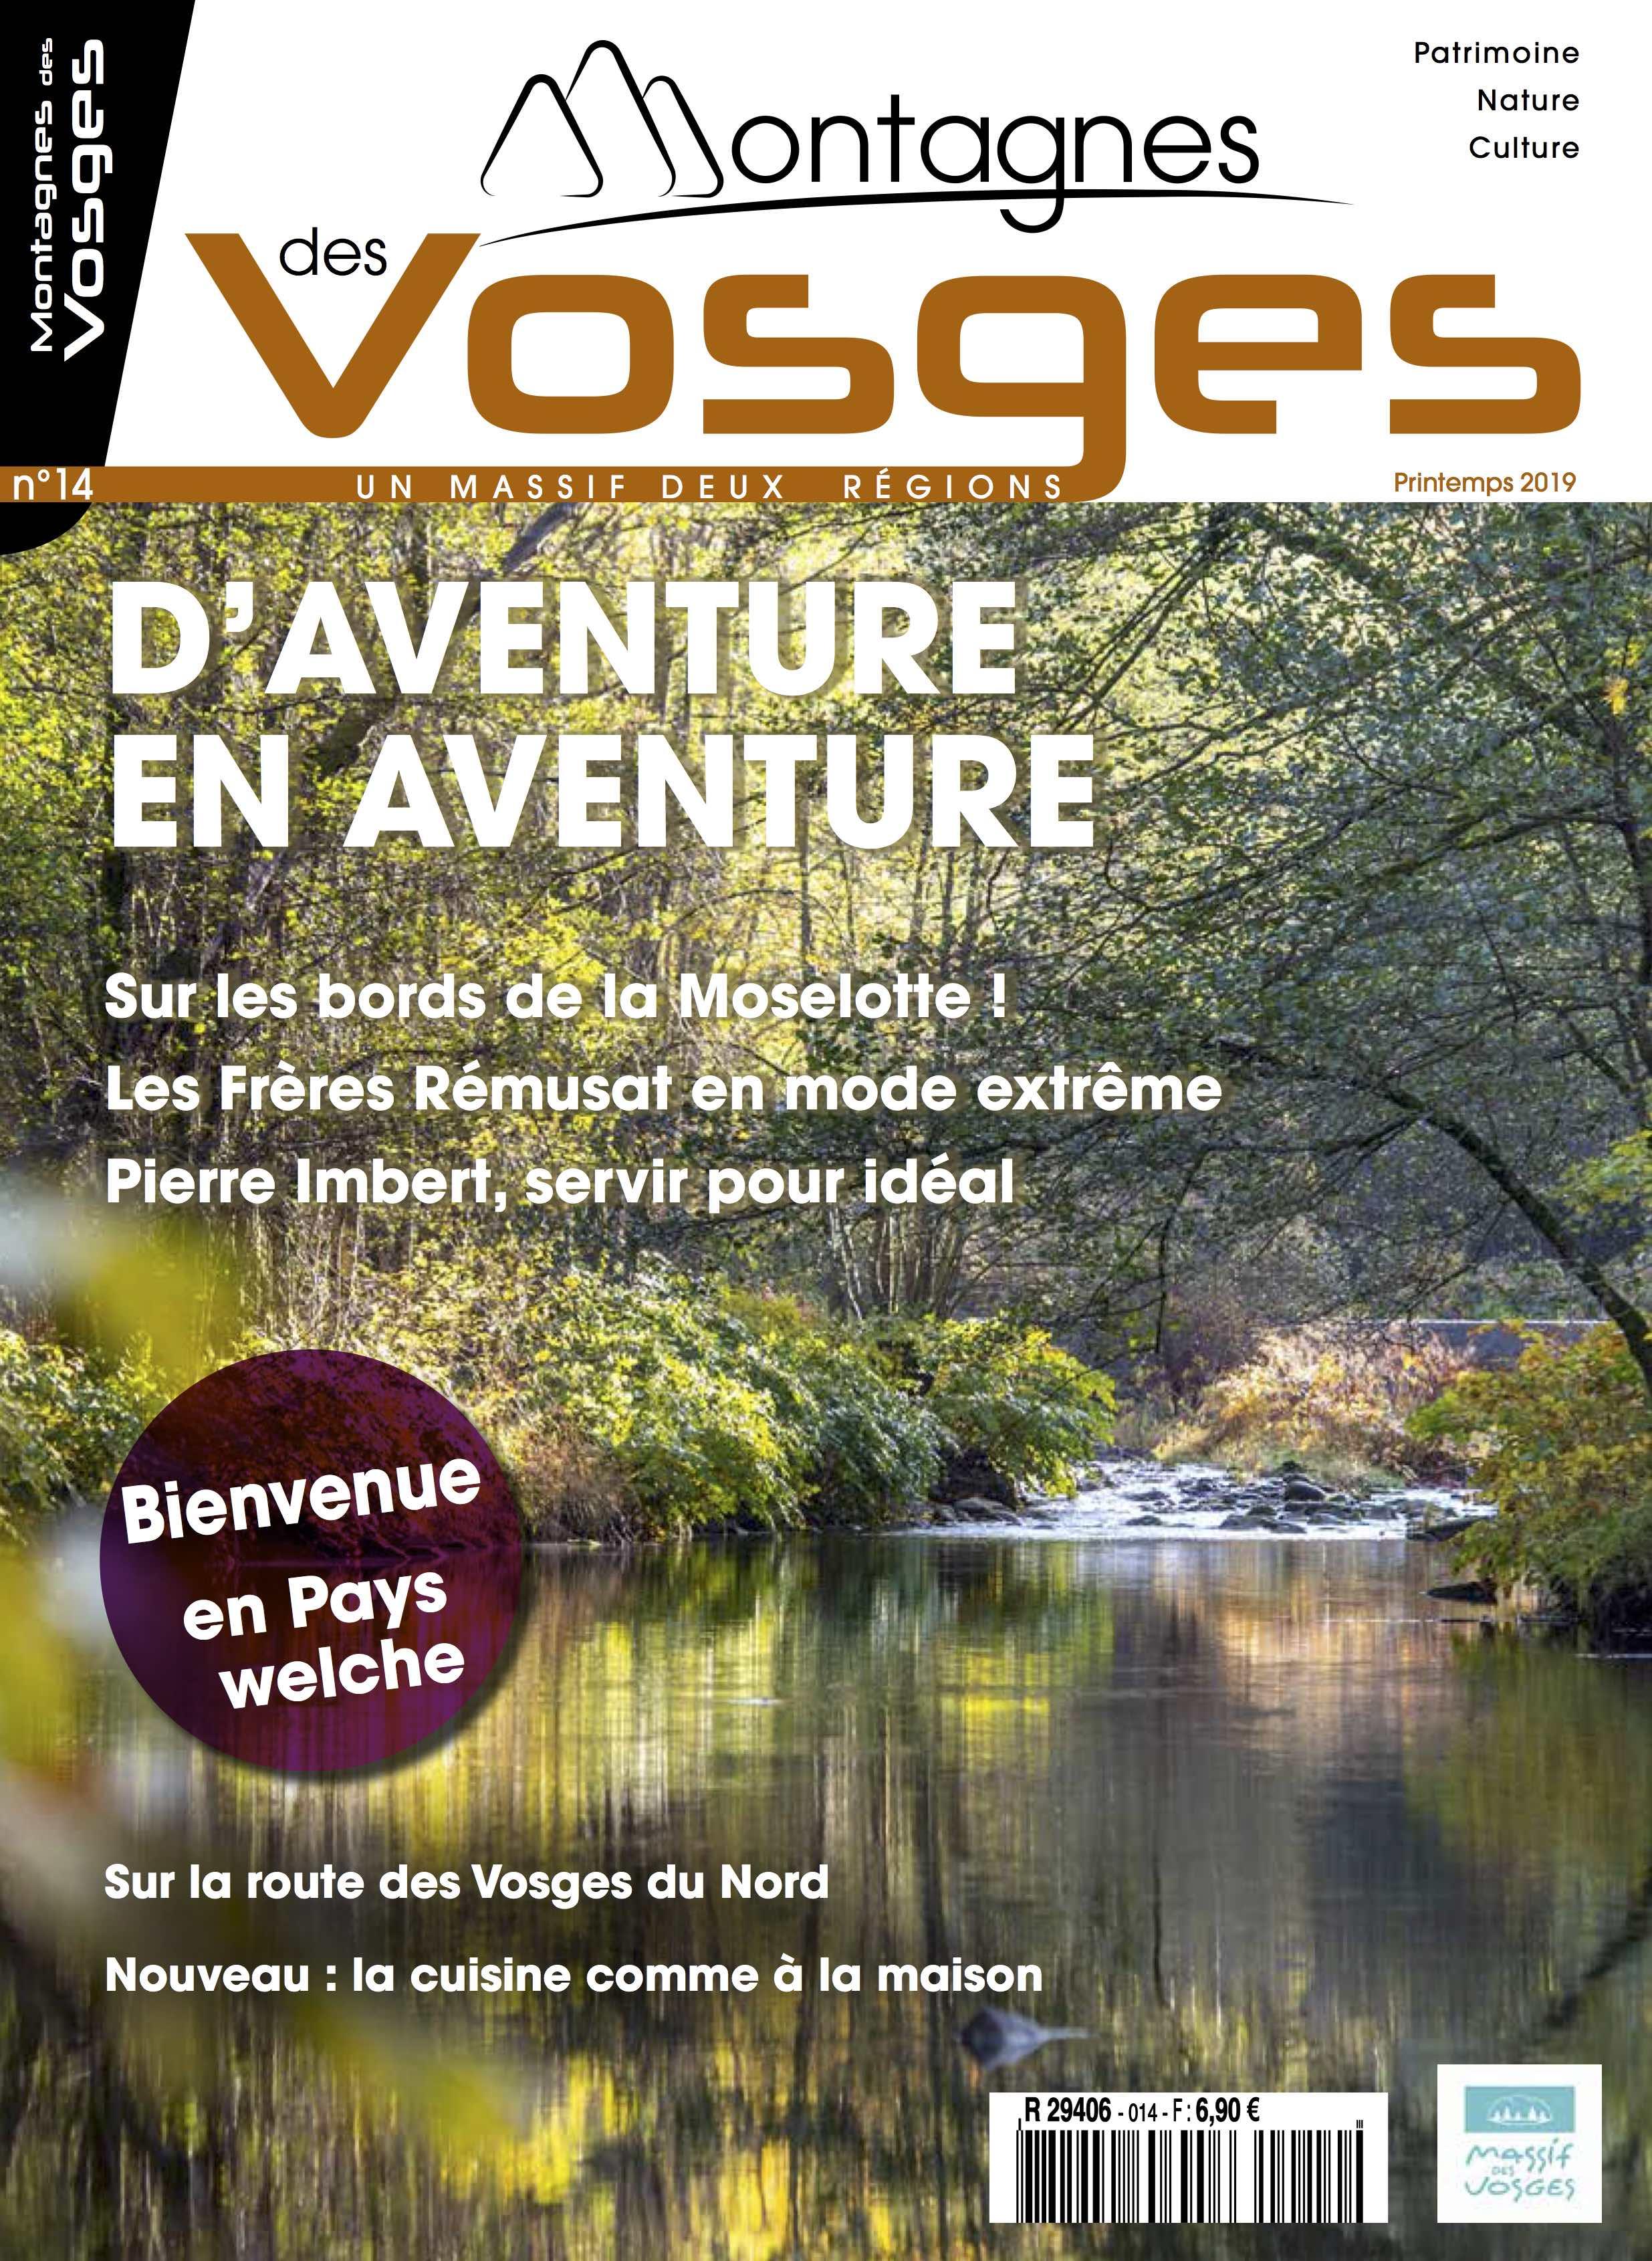 Magazine Montagnes des vosges - Printemps 2019 – N° 14